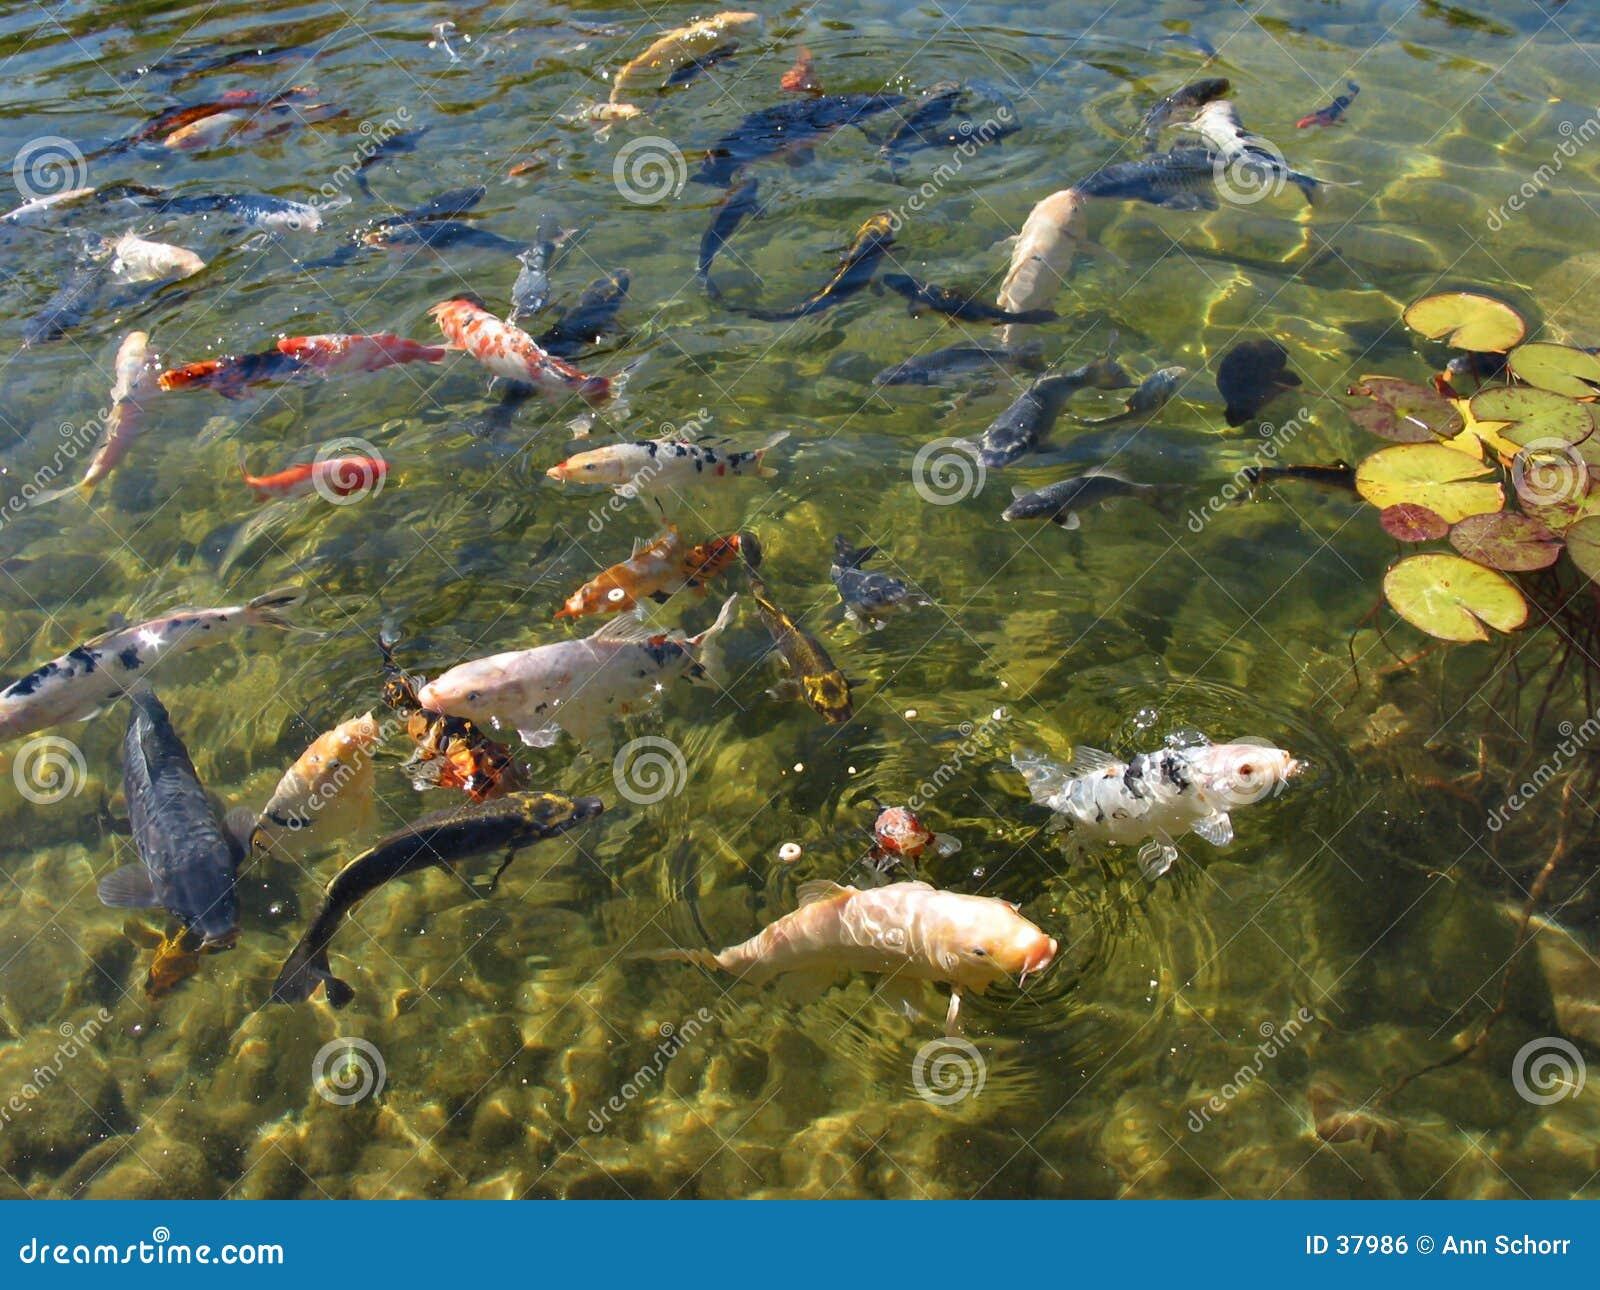 腼腆鱼食物查找